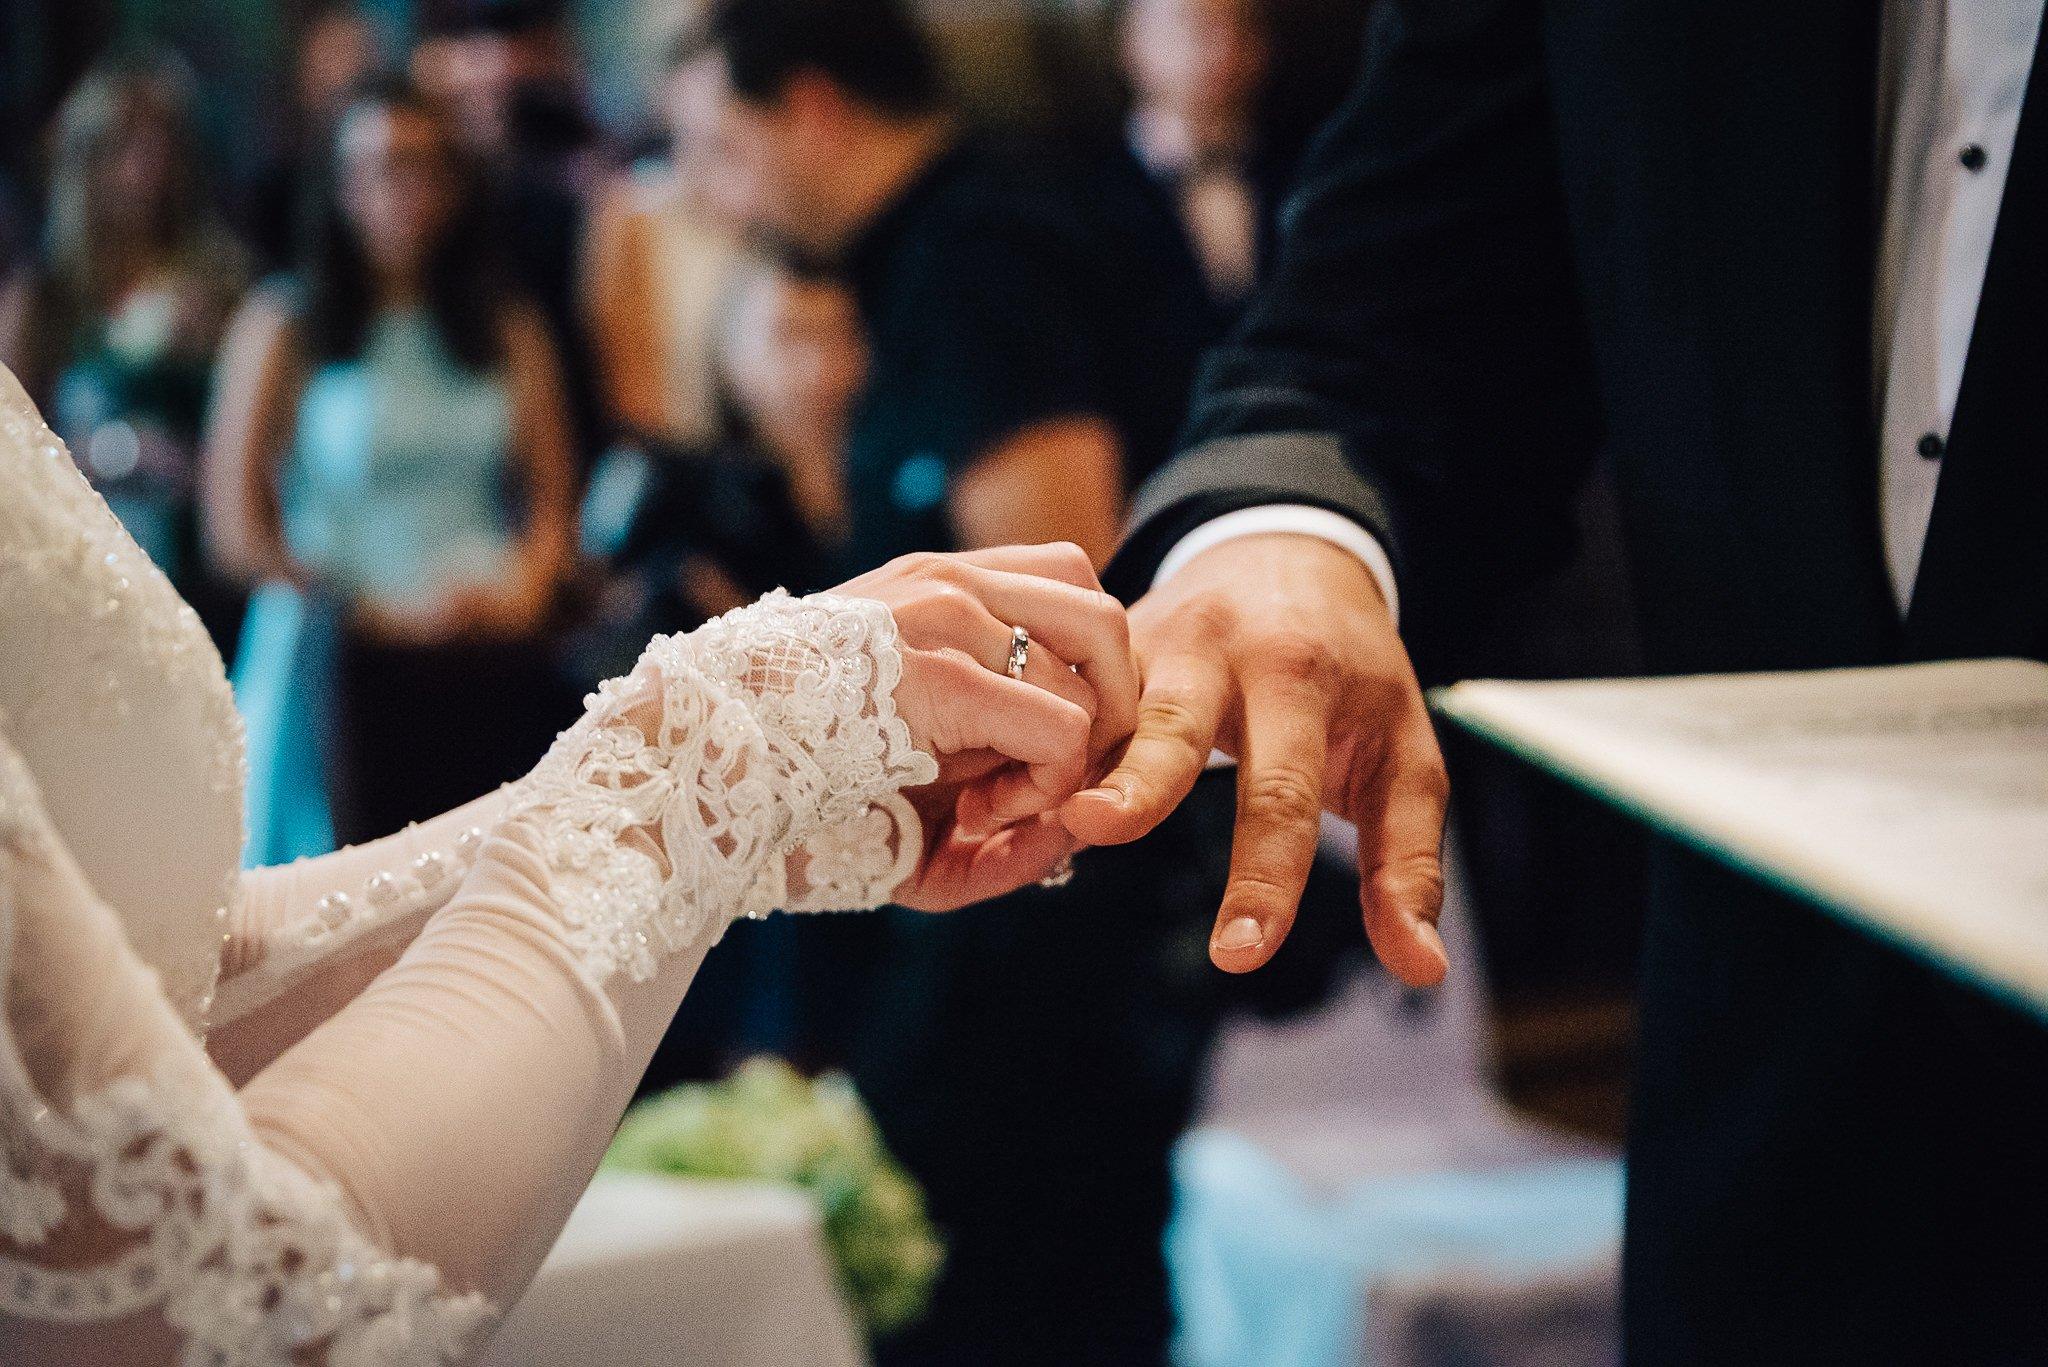 Asia i Łukasz reportaż ślubny 65